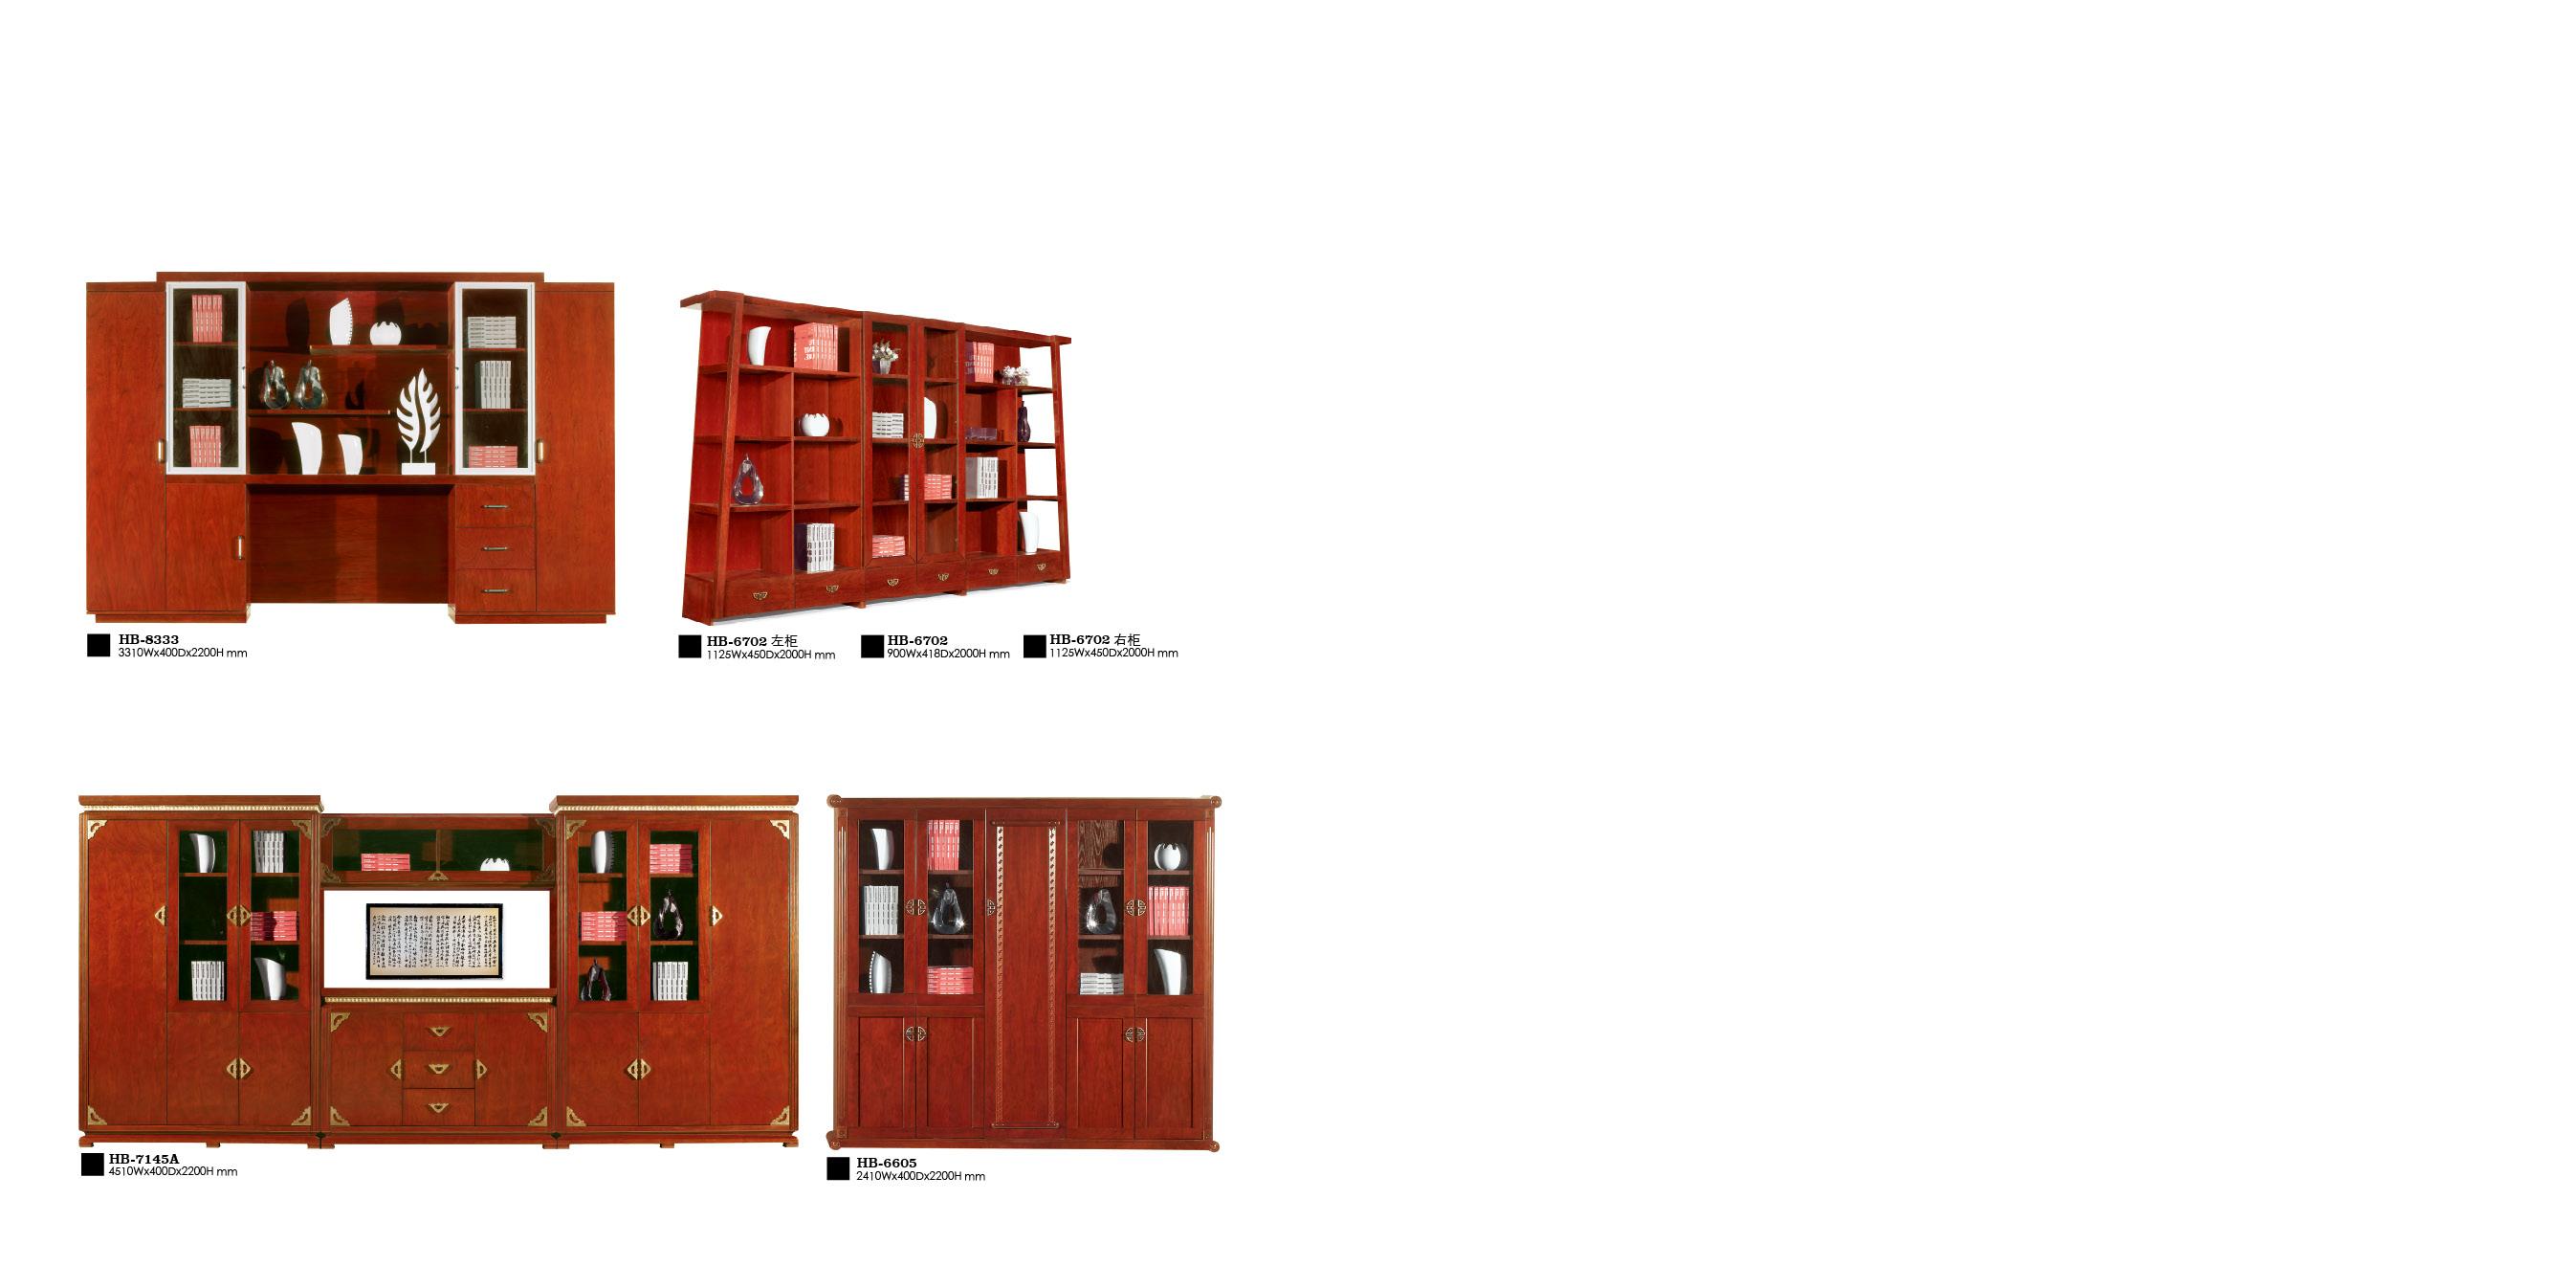 文件柜HB-6702左柜6702中柜6702右柜HB-7145A,HB-6605